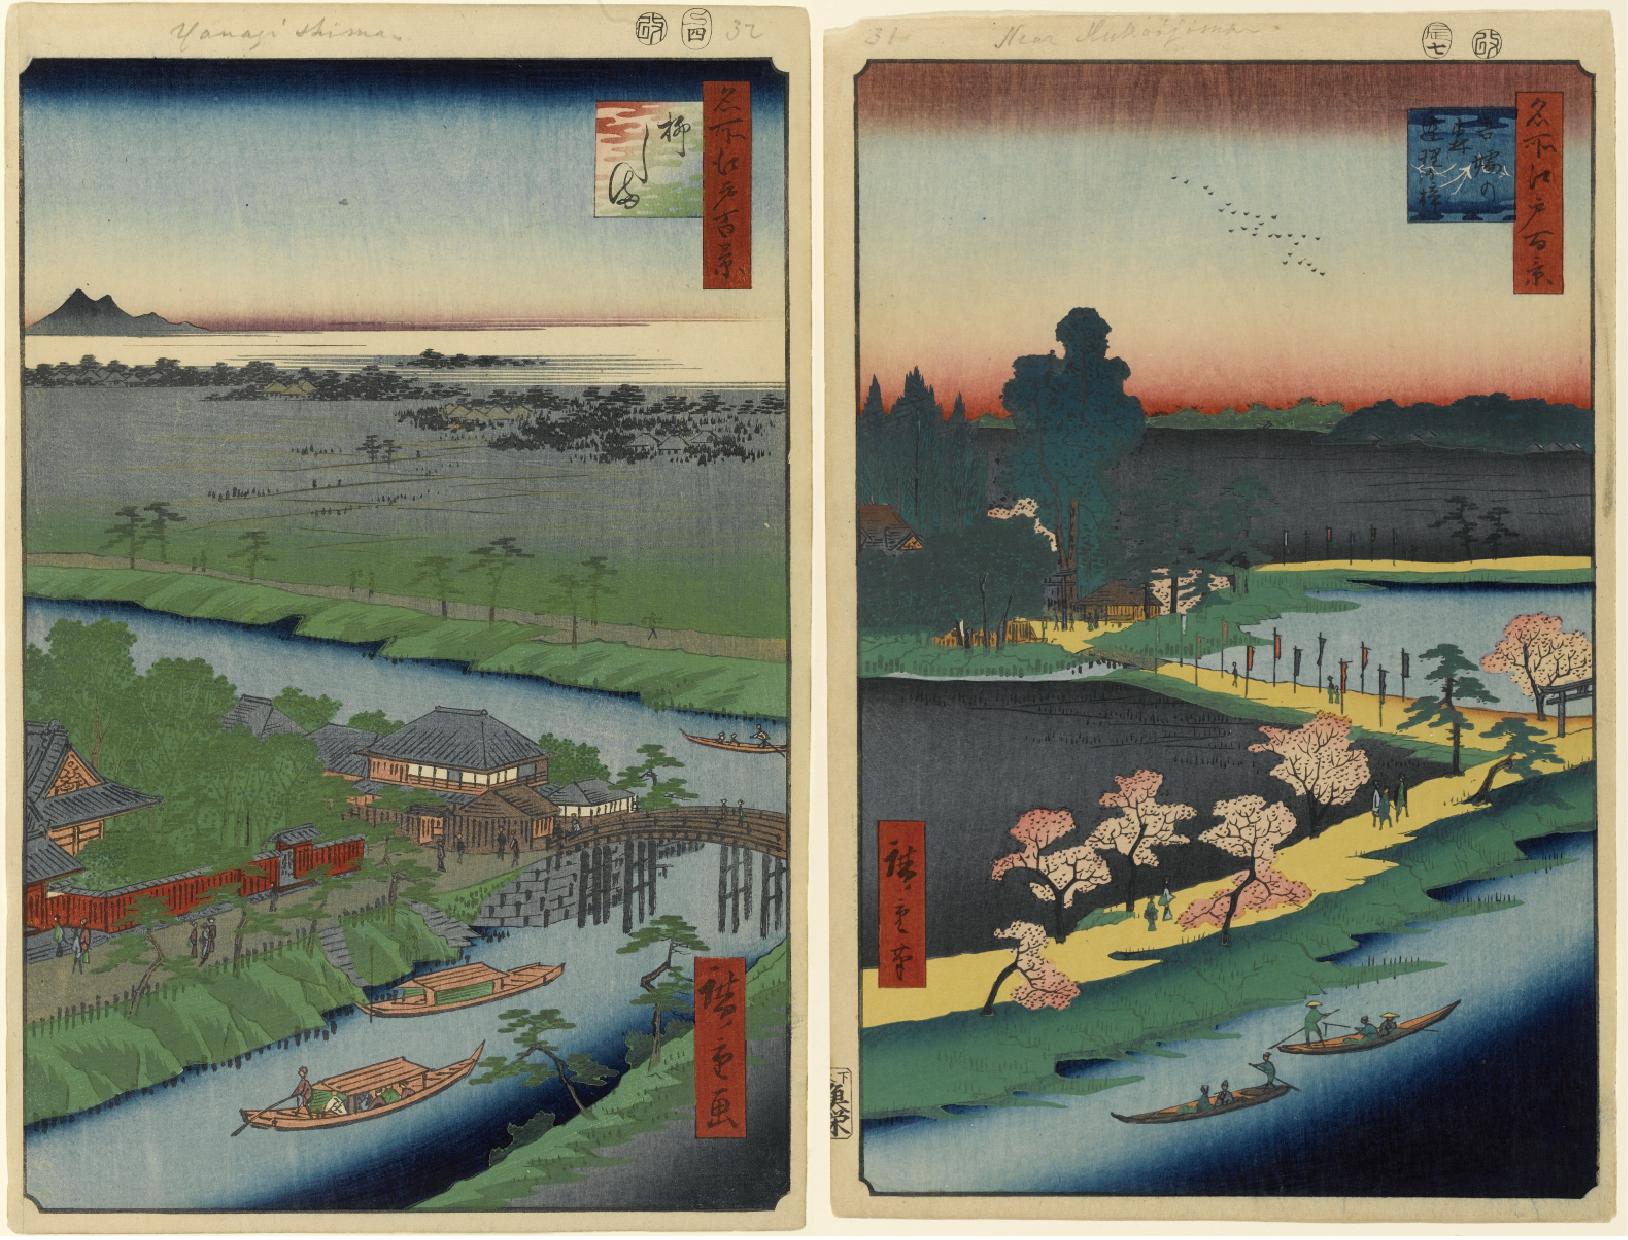 柳しま(左)と吾嬬の森連理の梓(右)。ともに歌川広重「名所江戸百景」より。今回の実験場所付近を描写している。